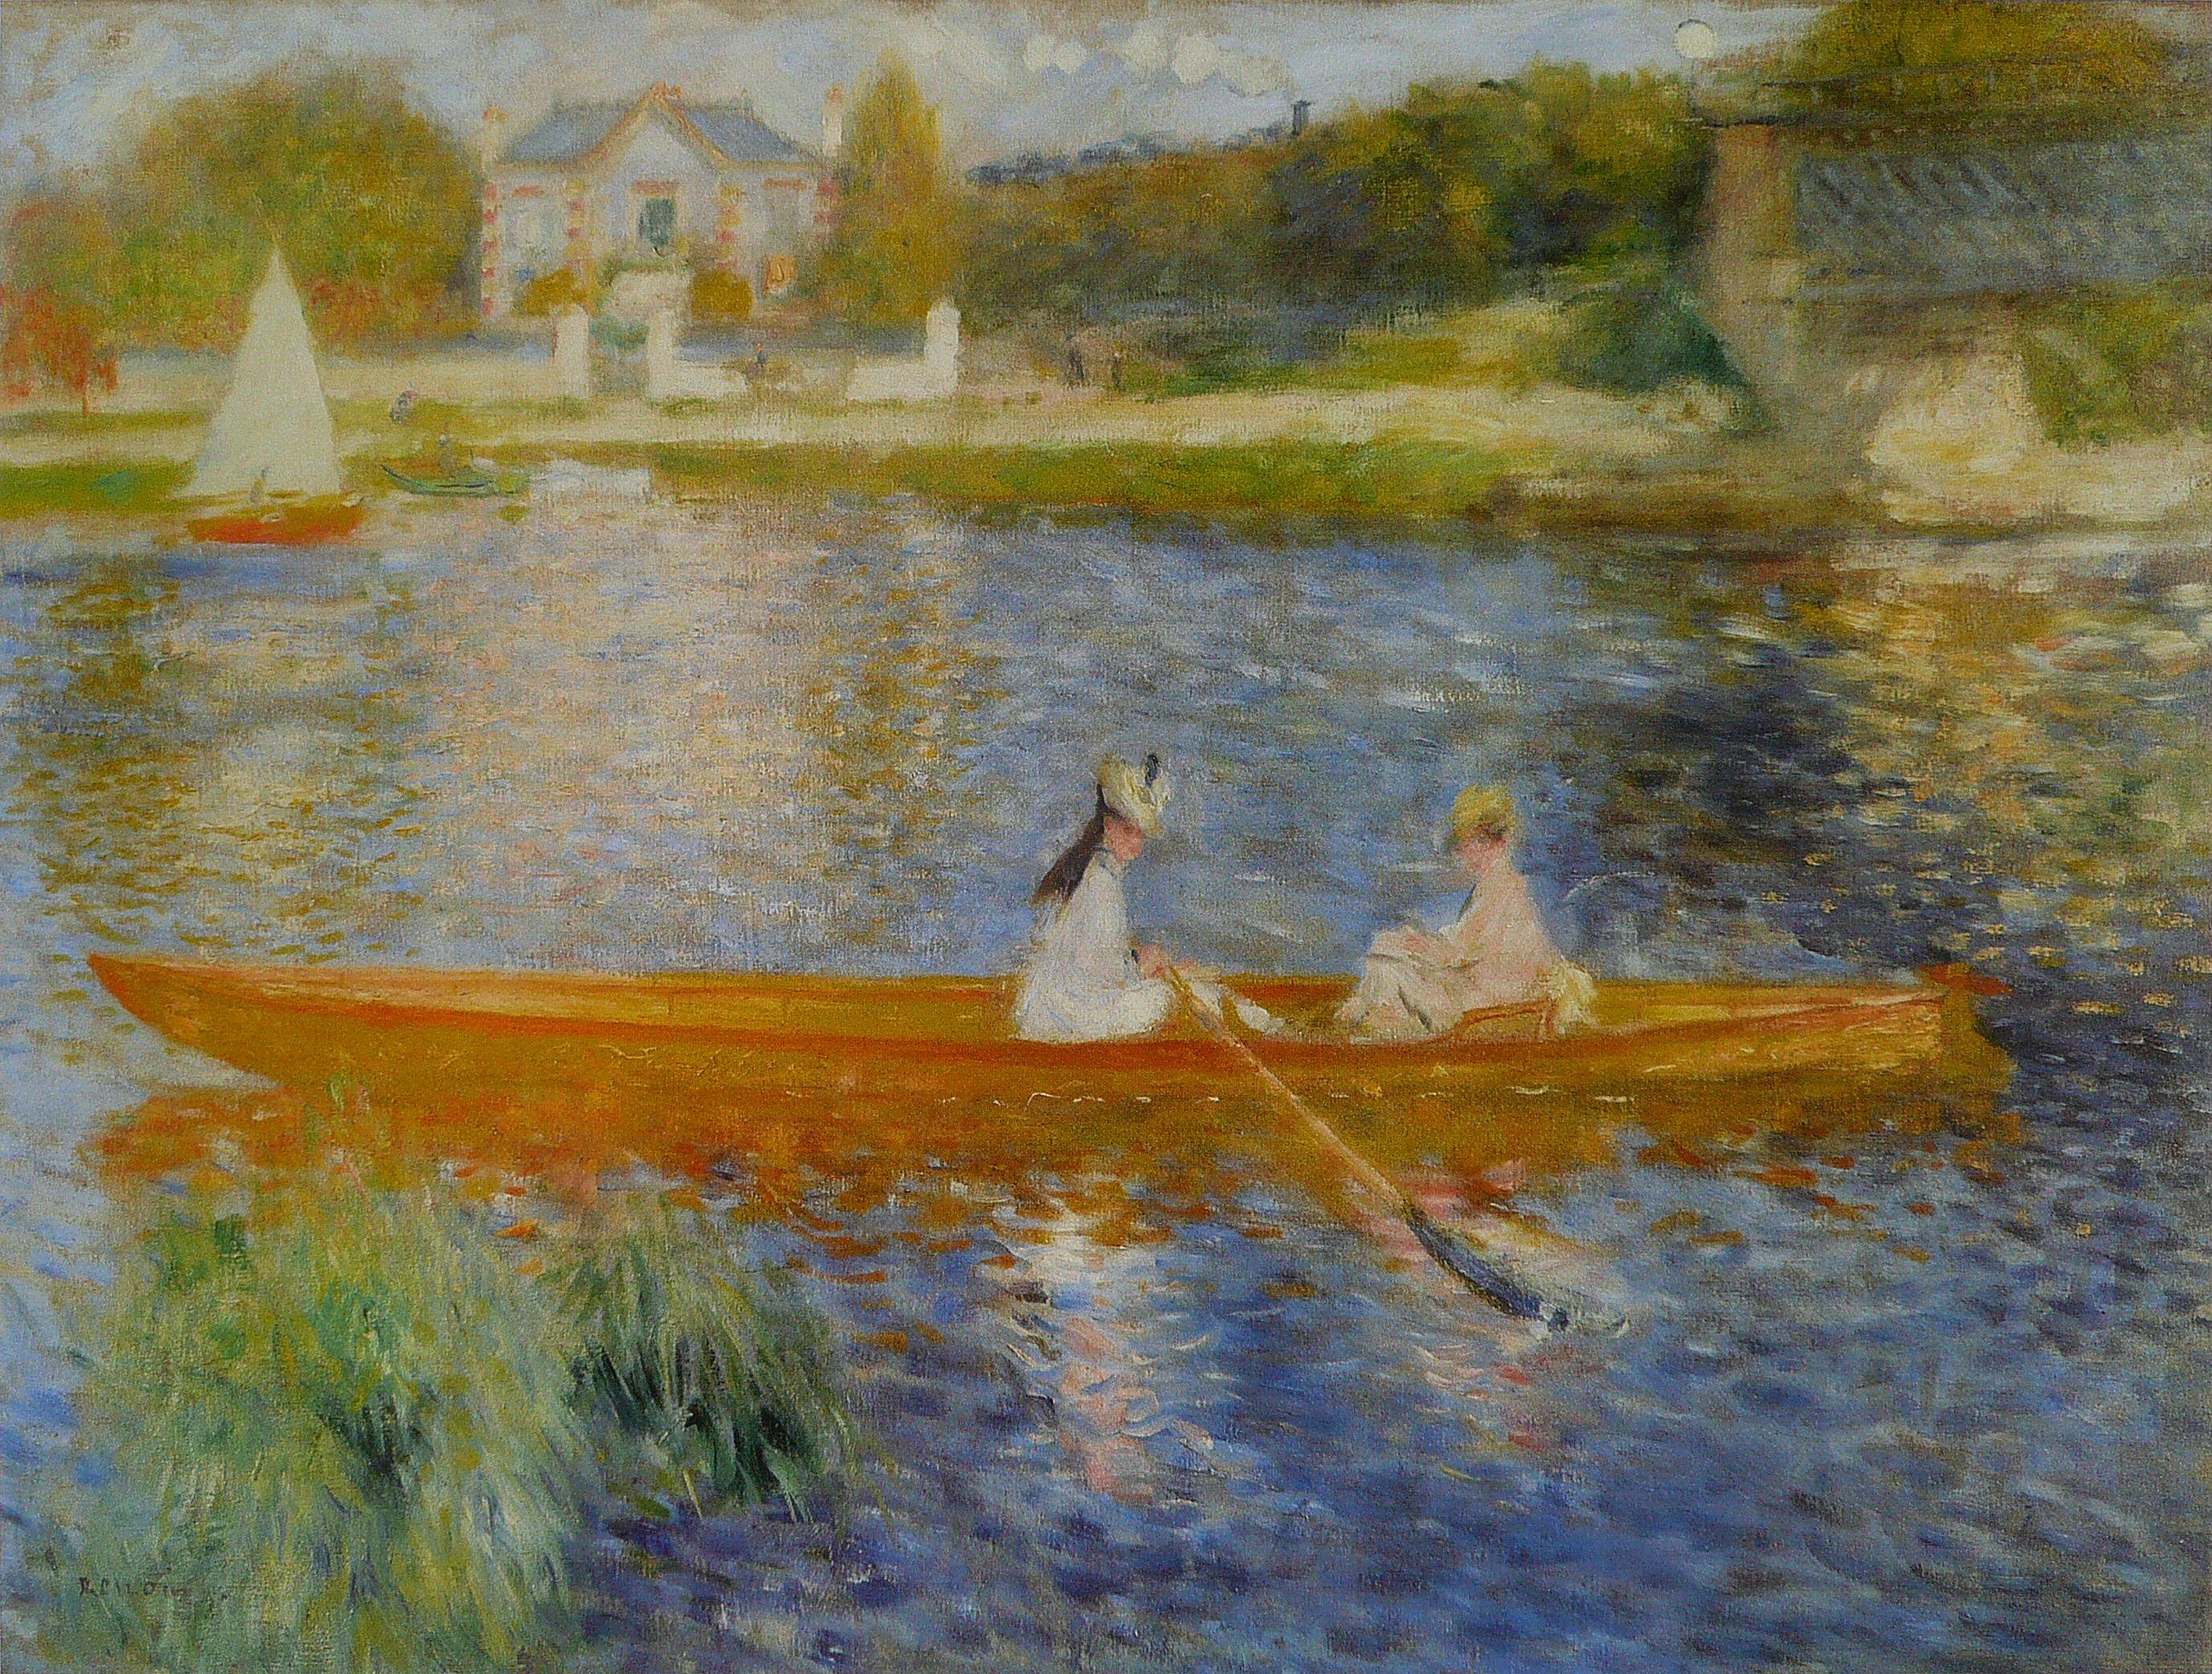 Lista das pinturas de Renoir – Wikipédia, a enciclopédia livre 7f48048c15